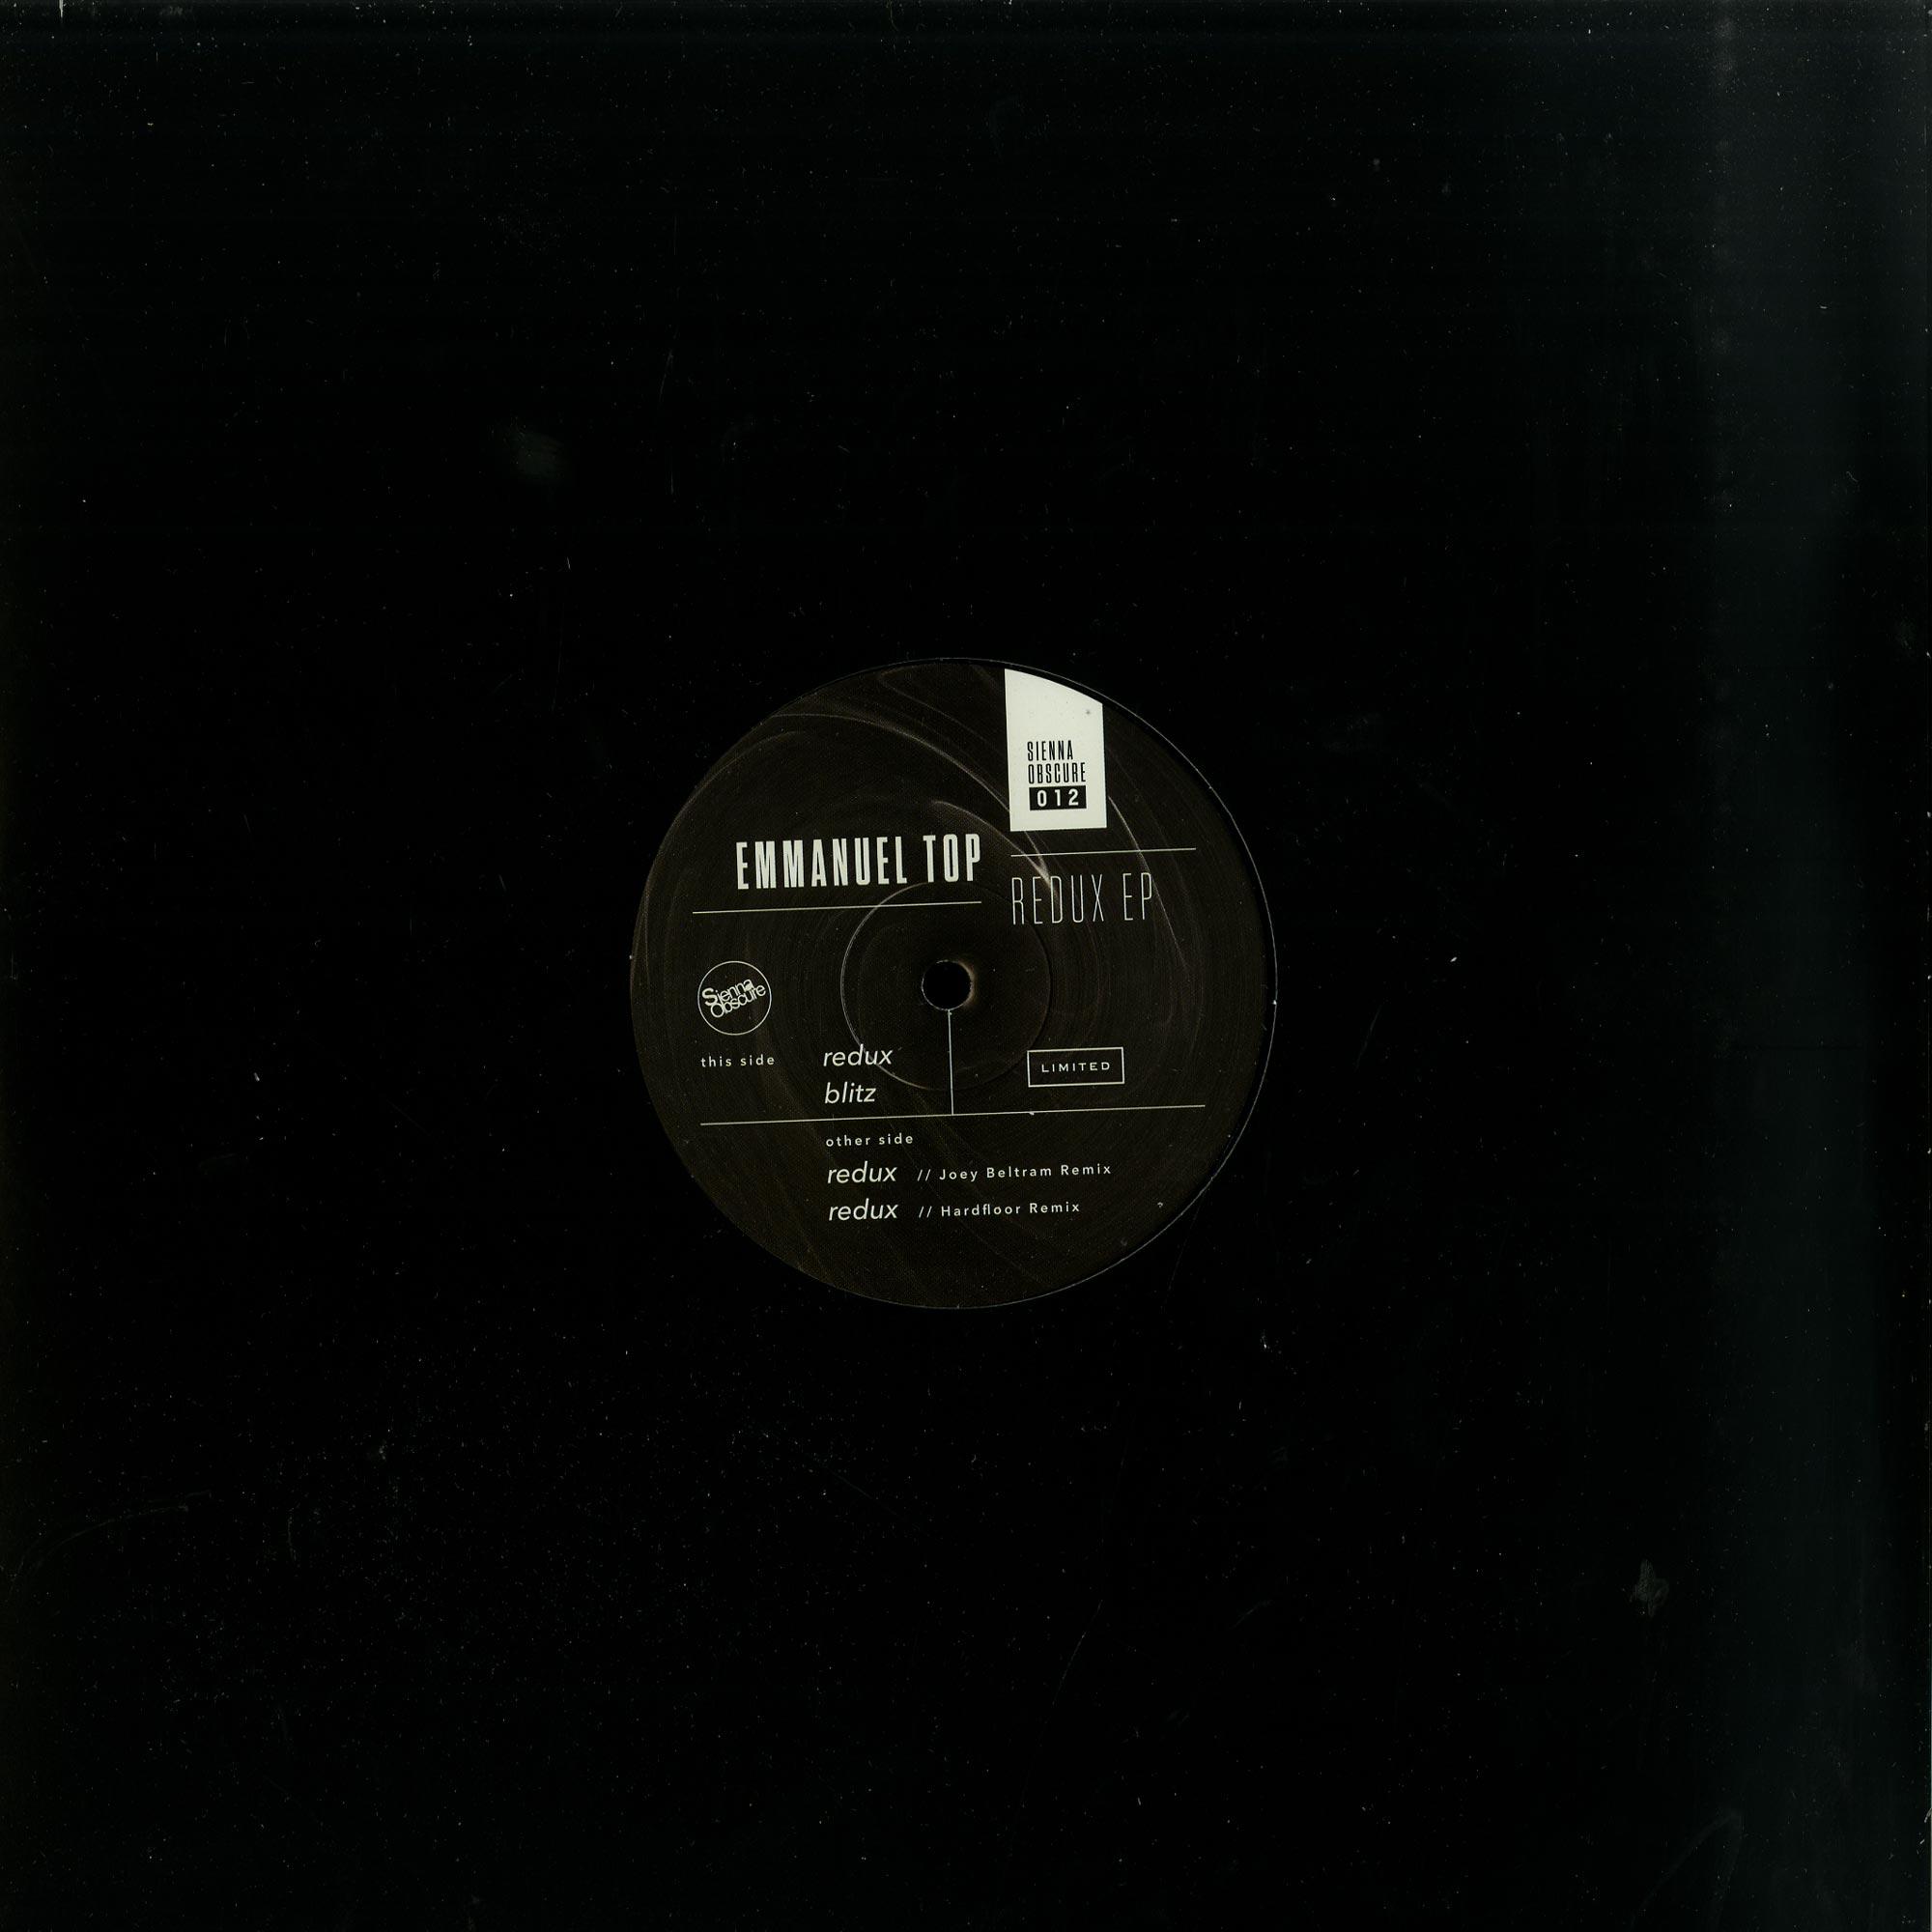 Emmanuel Top - REDUX EP